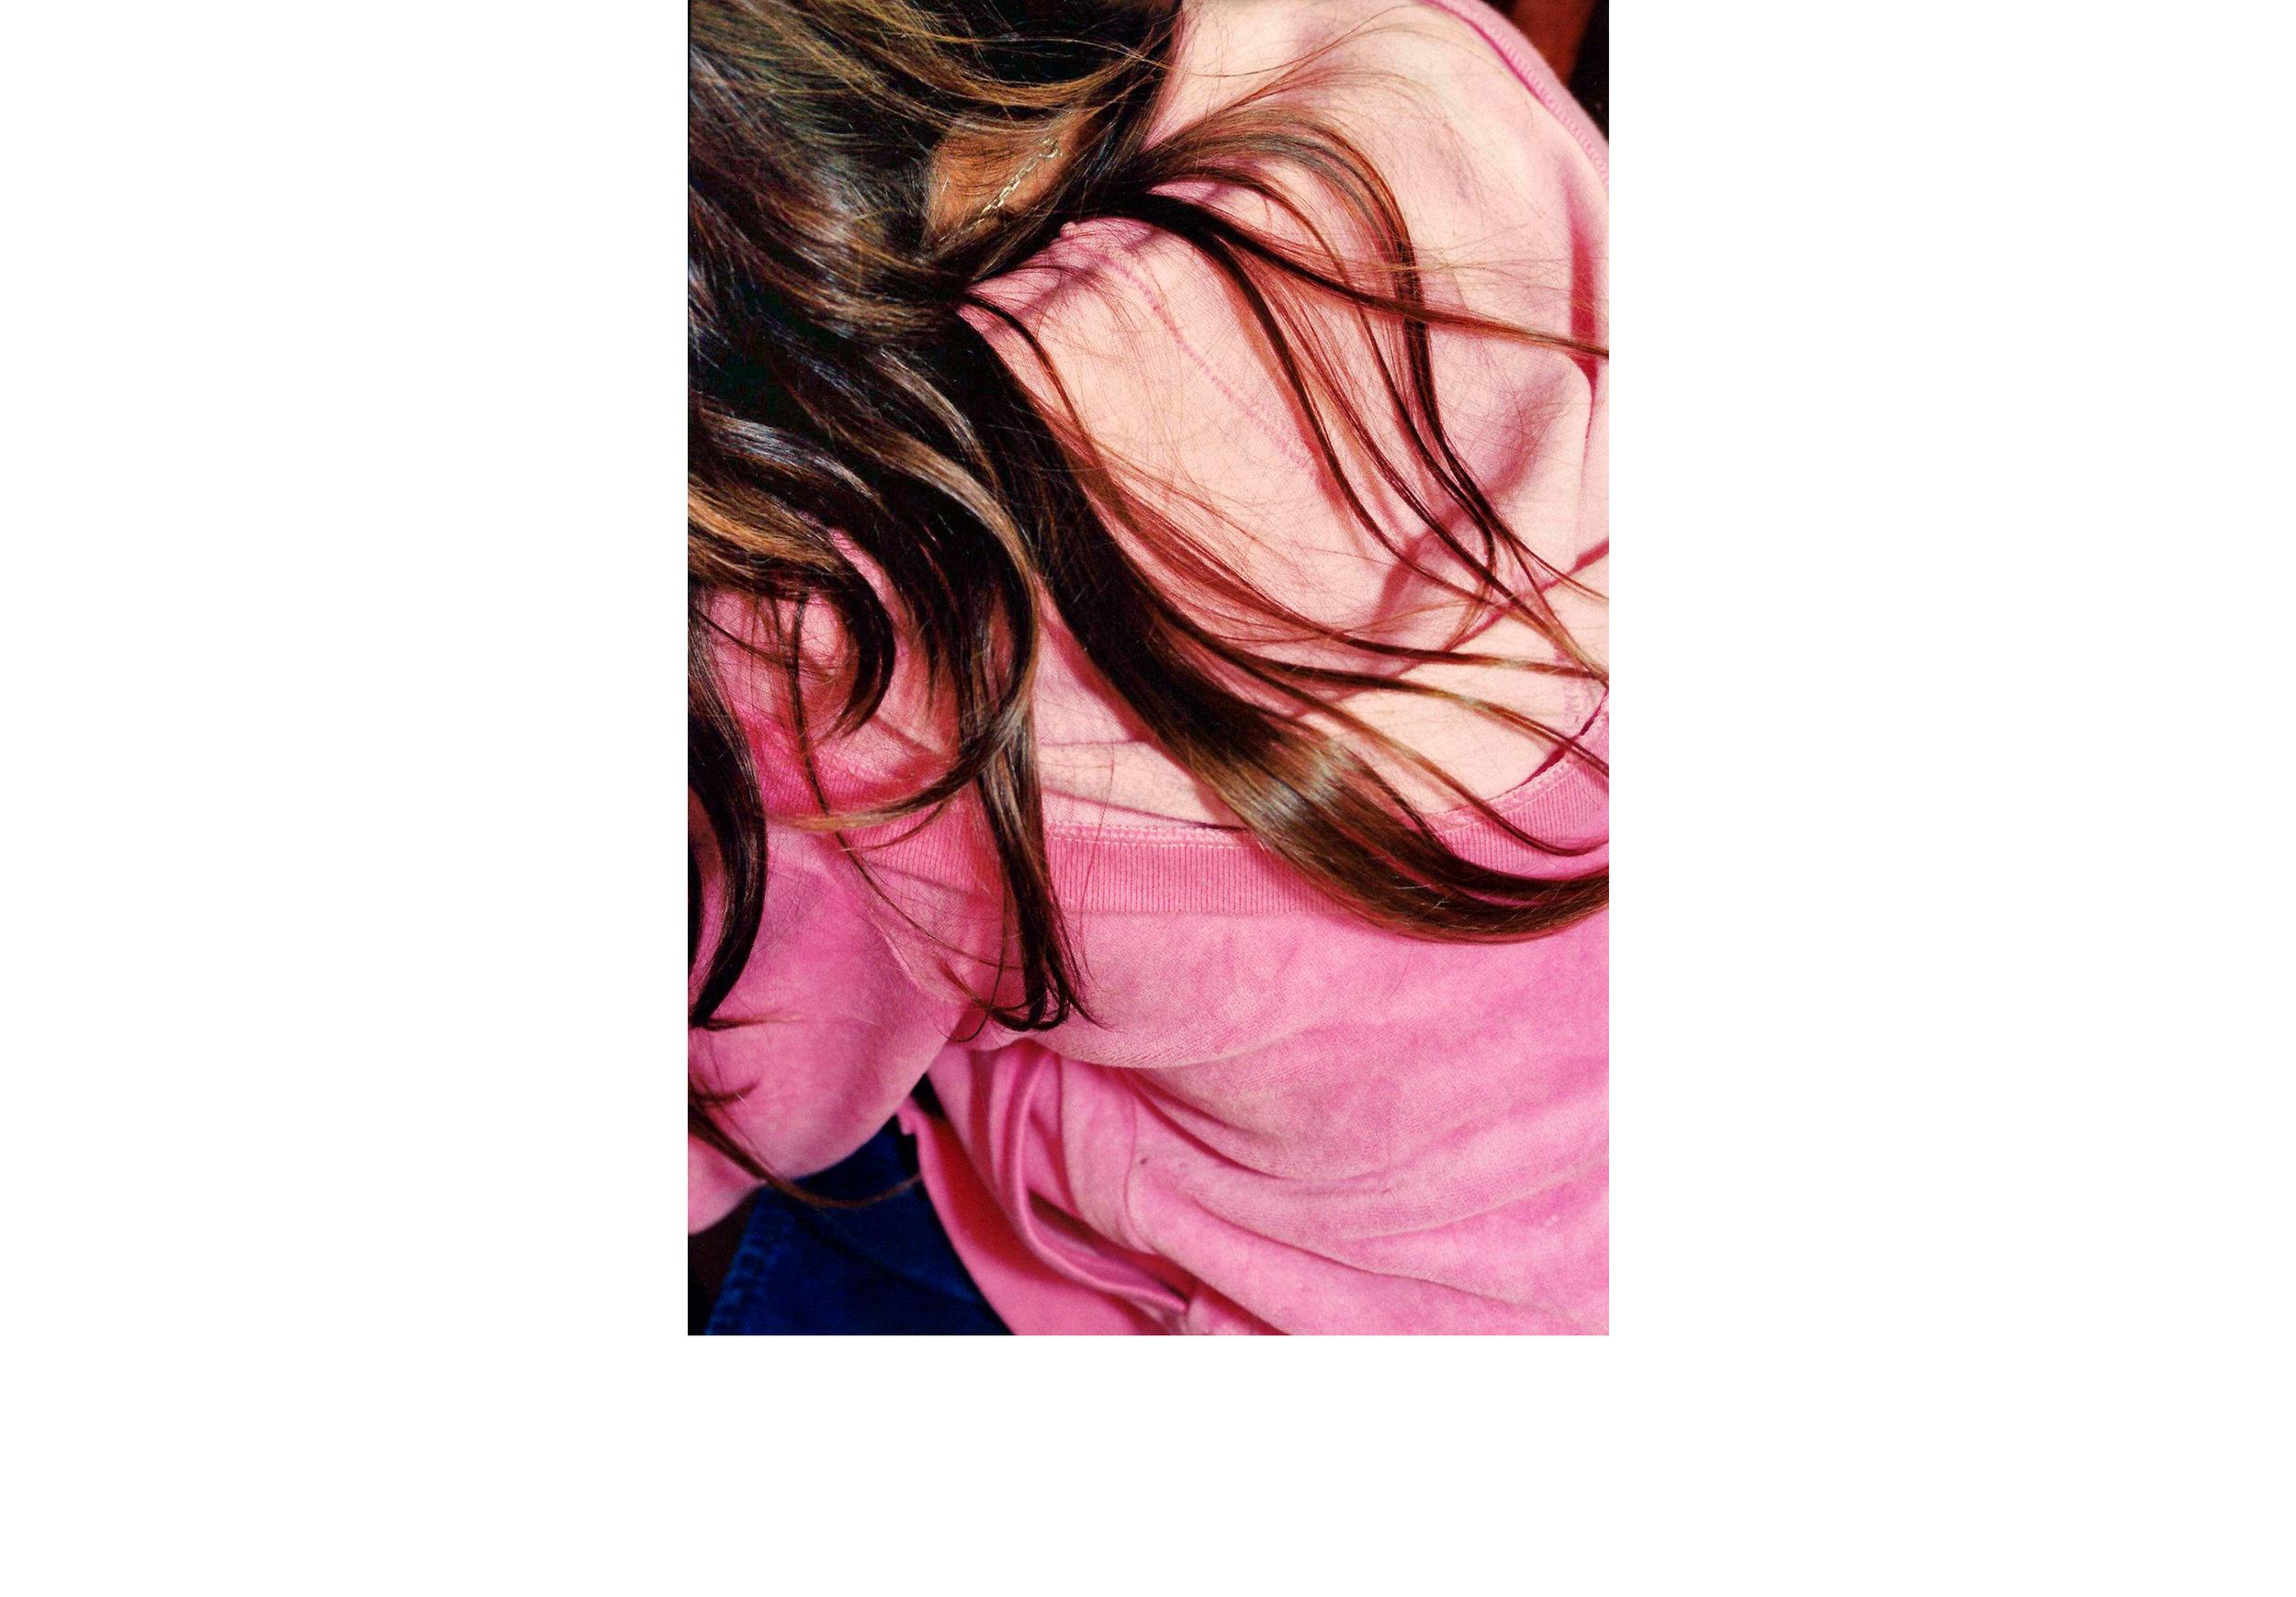 Vicky, 2005.